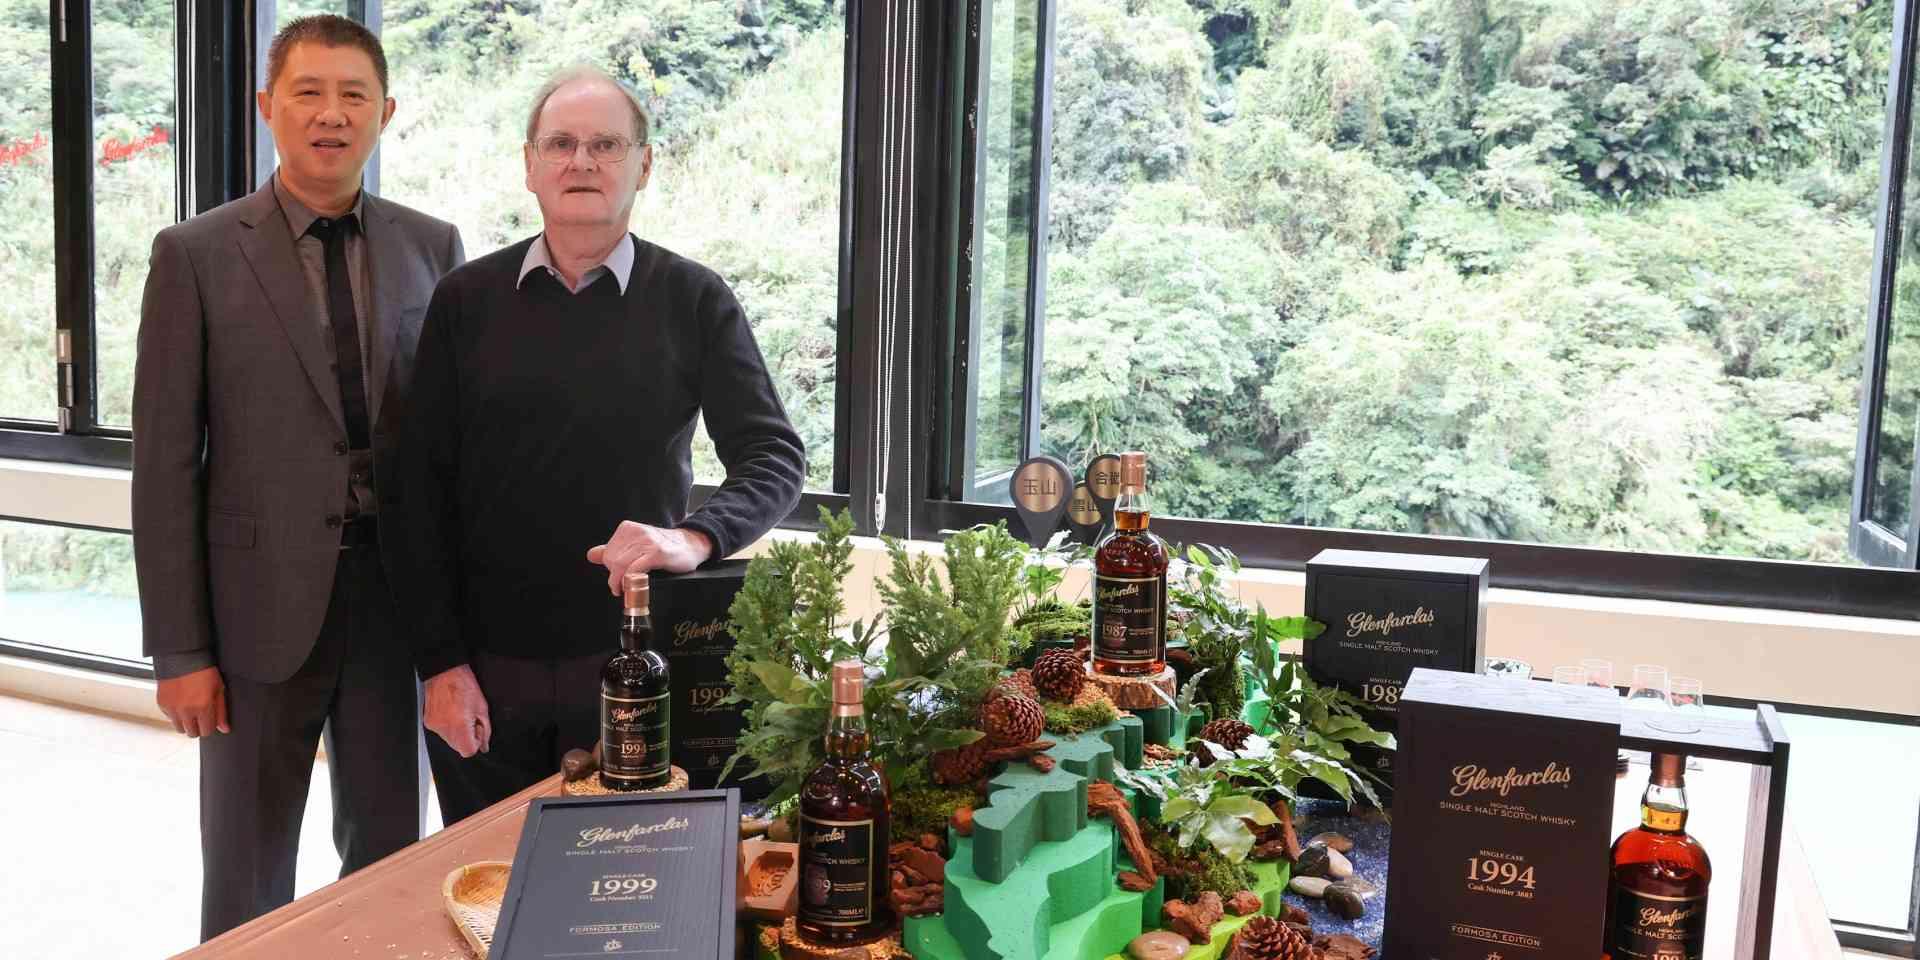 找到適合台灣味的蘇格蘭佳釀:Glenfarclas格蘭花格單桶原酒–福爾摩沙精選